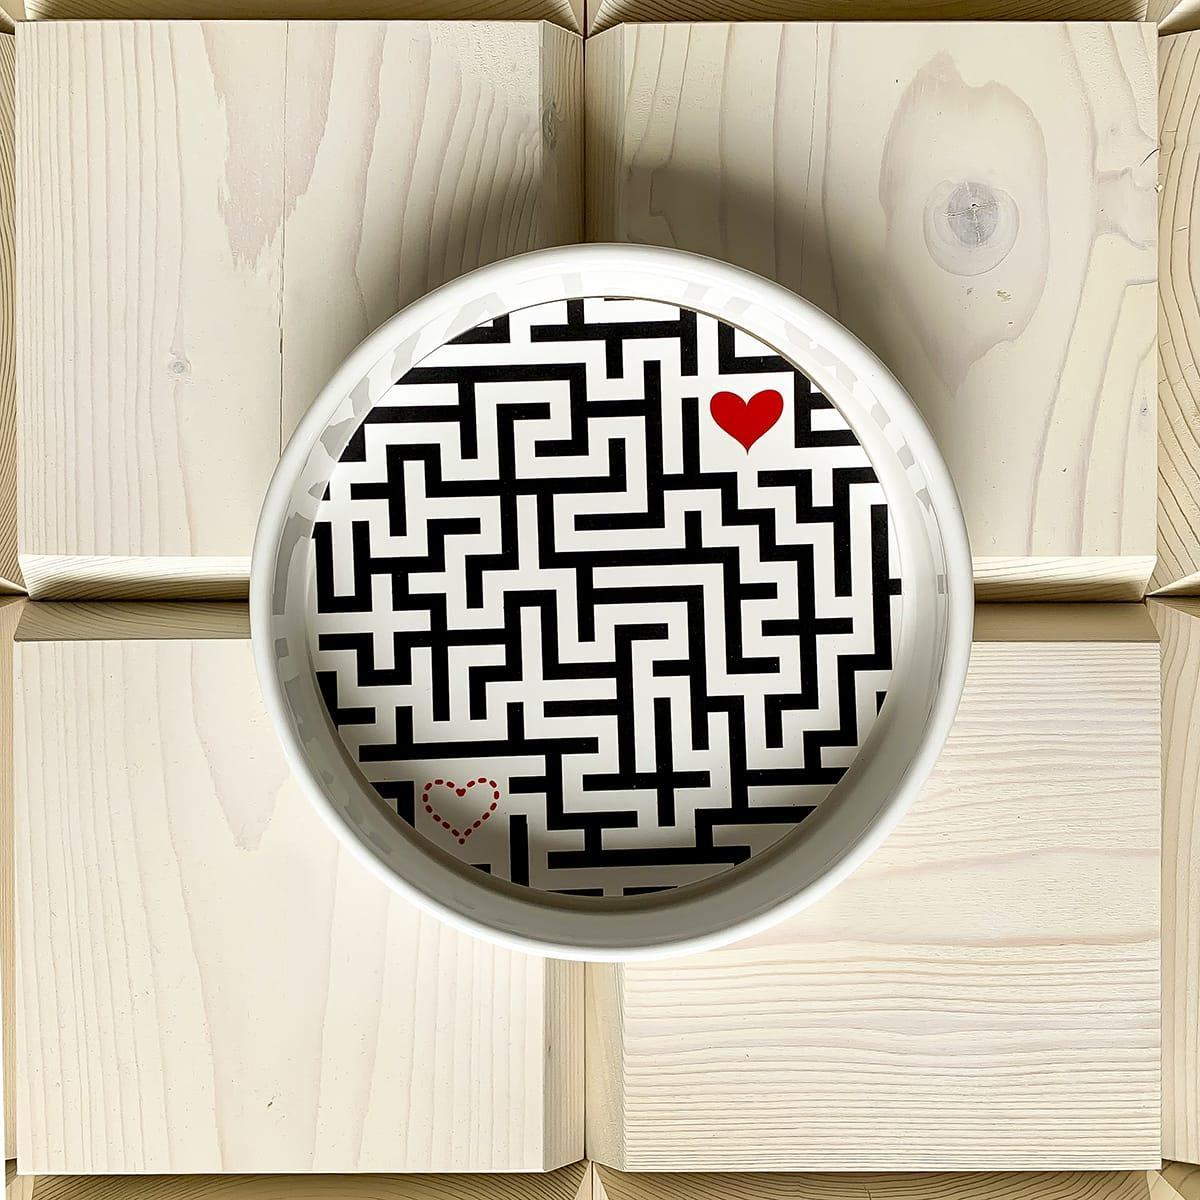 contenitore multiuso in ceramica decorato graficamente con un labirinto nelle cui estremità si trovano due cuori